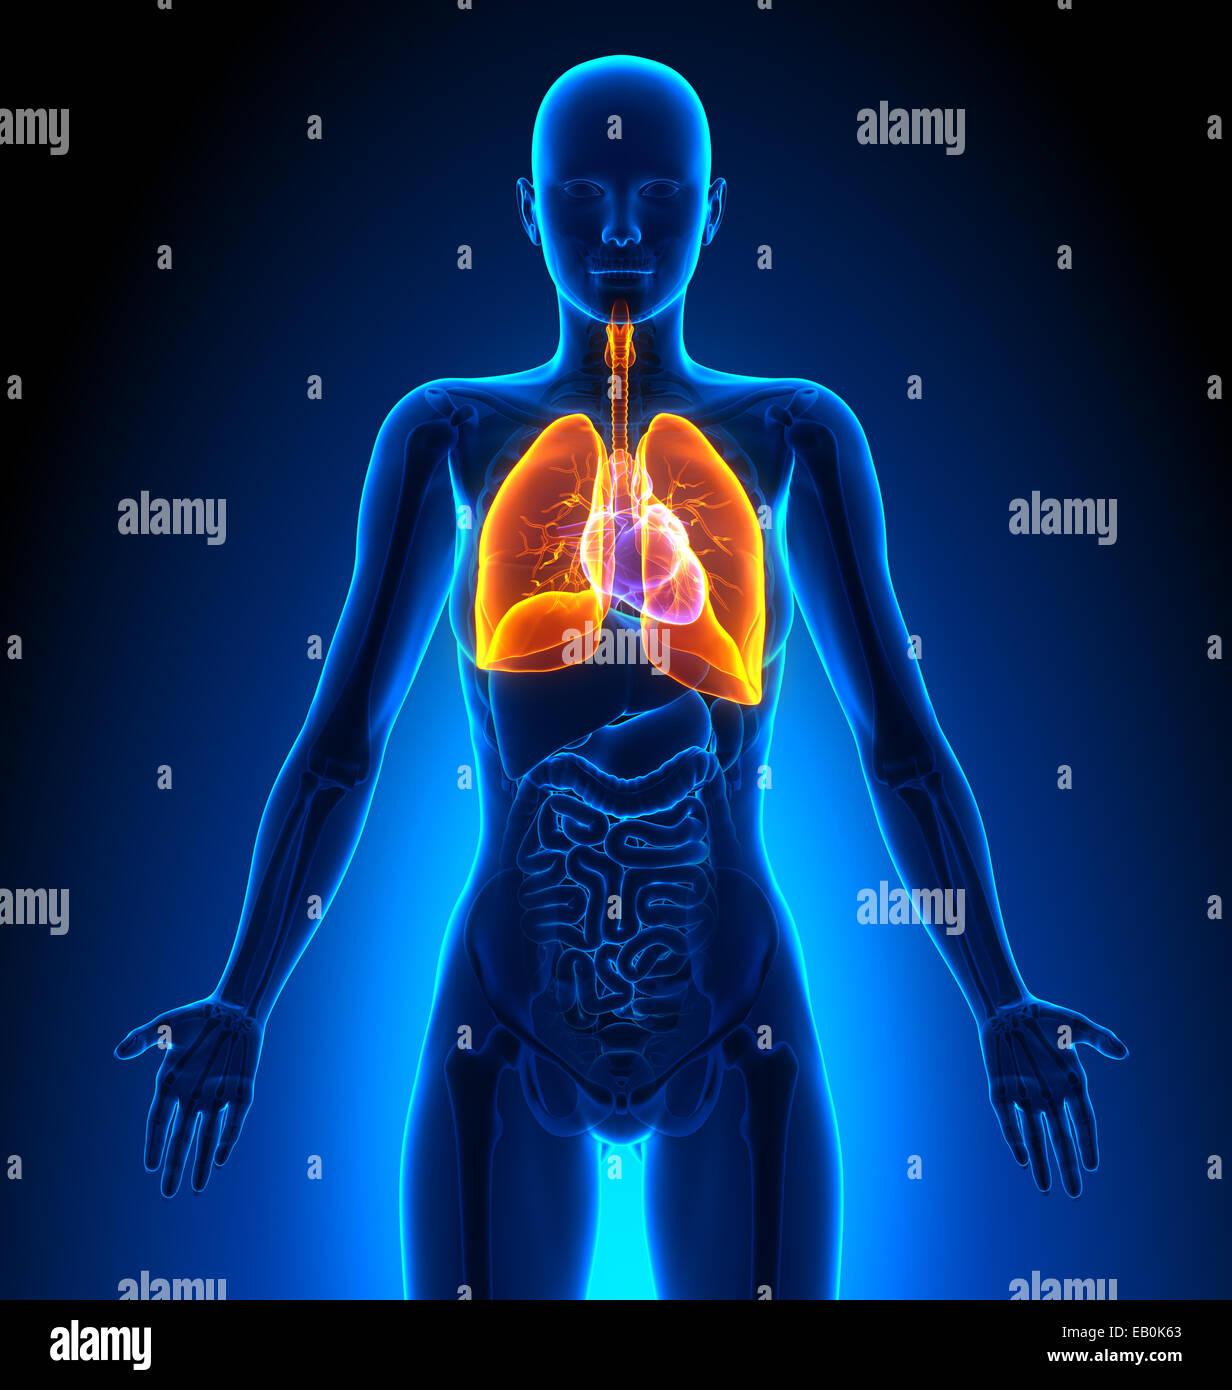 Lungen - weiblichen Organe - Anatomie des Menschen Stockfoto, Bild ...